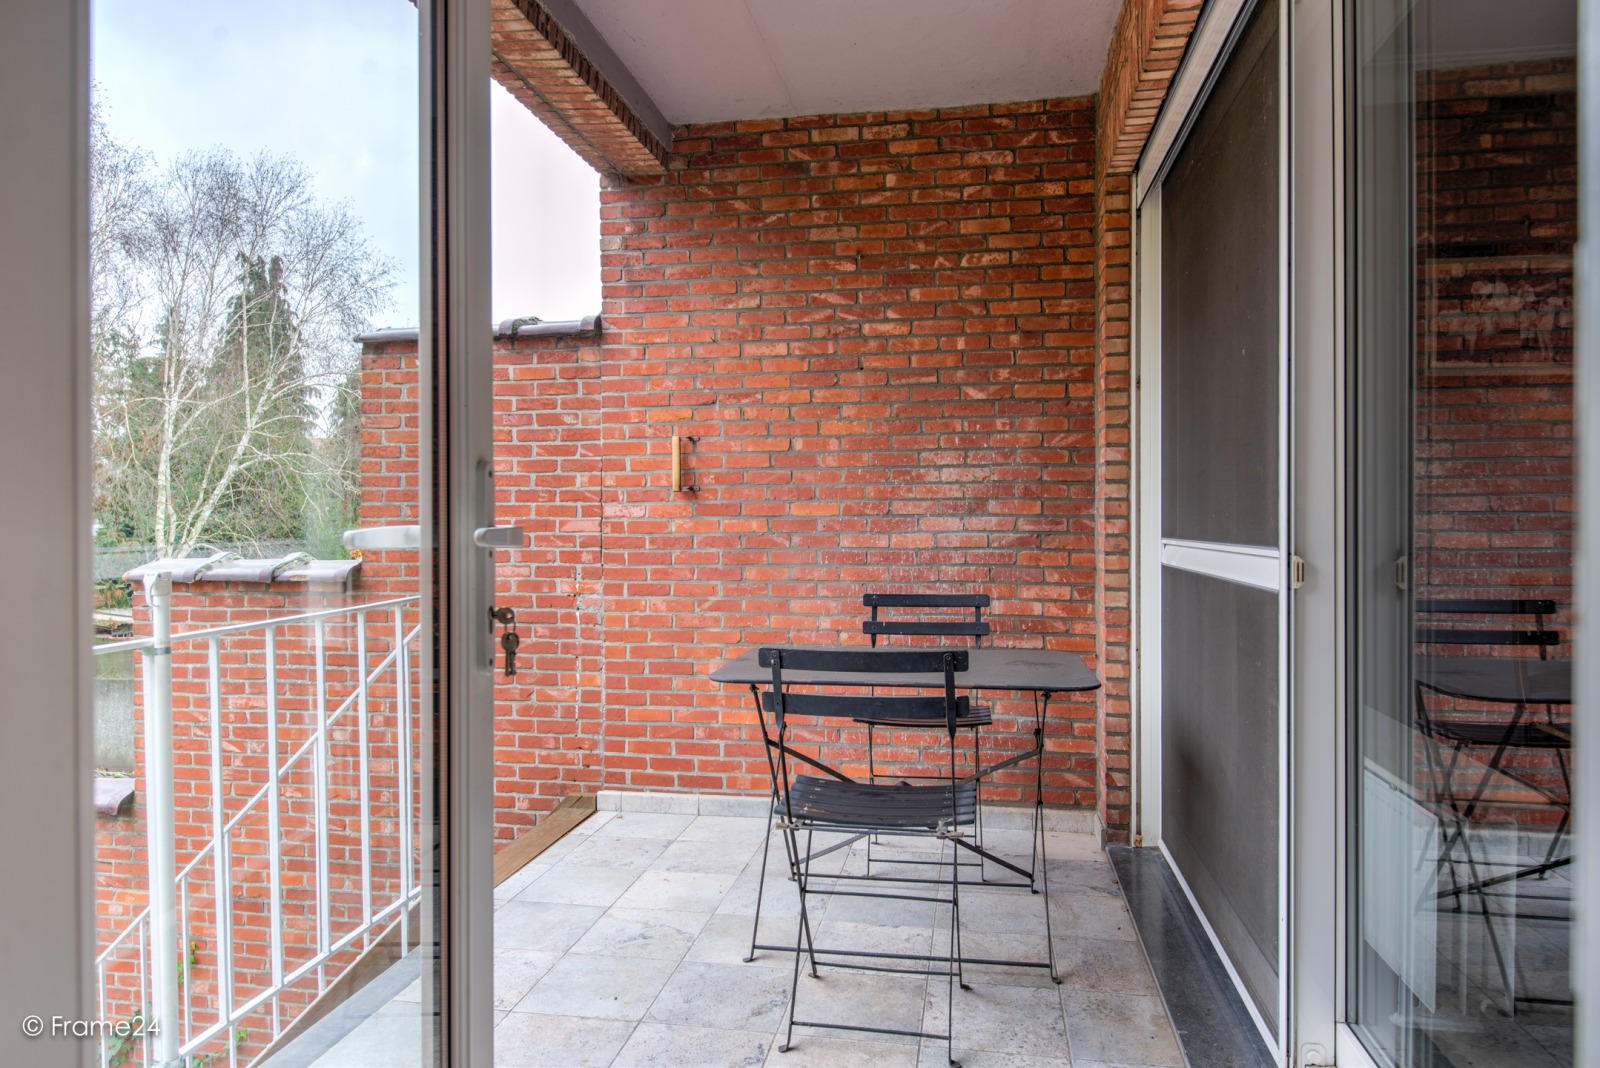 Zeer verzorgde bel-étagewoning met drie slaapkamers op toplocatie te Wijnegem! afbeelding 10